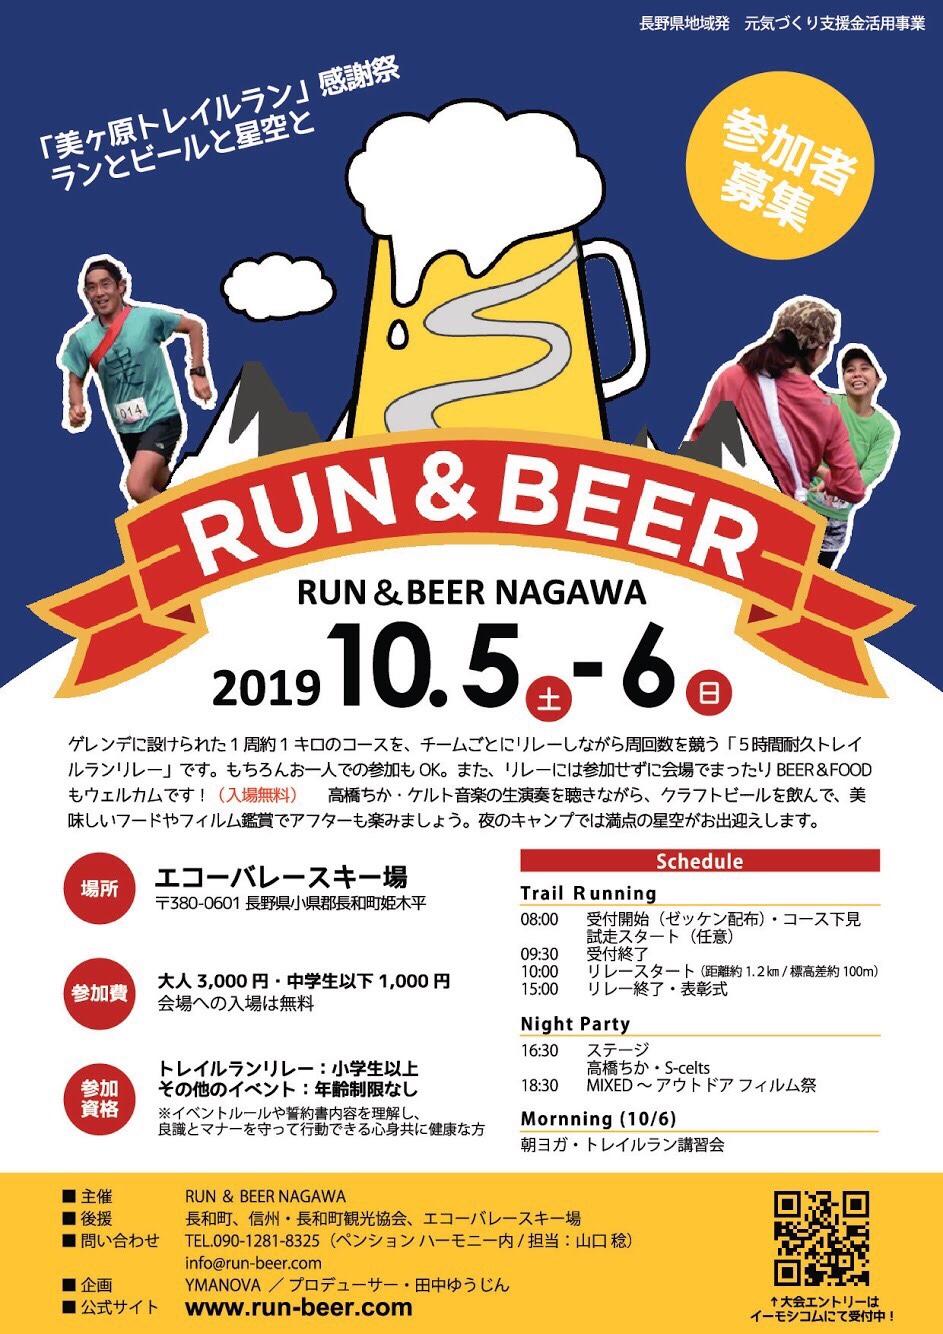 RUN&BEER NAGAWA エコーバレー チラシ